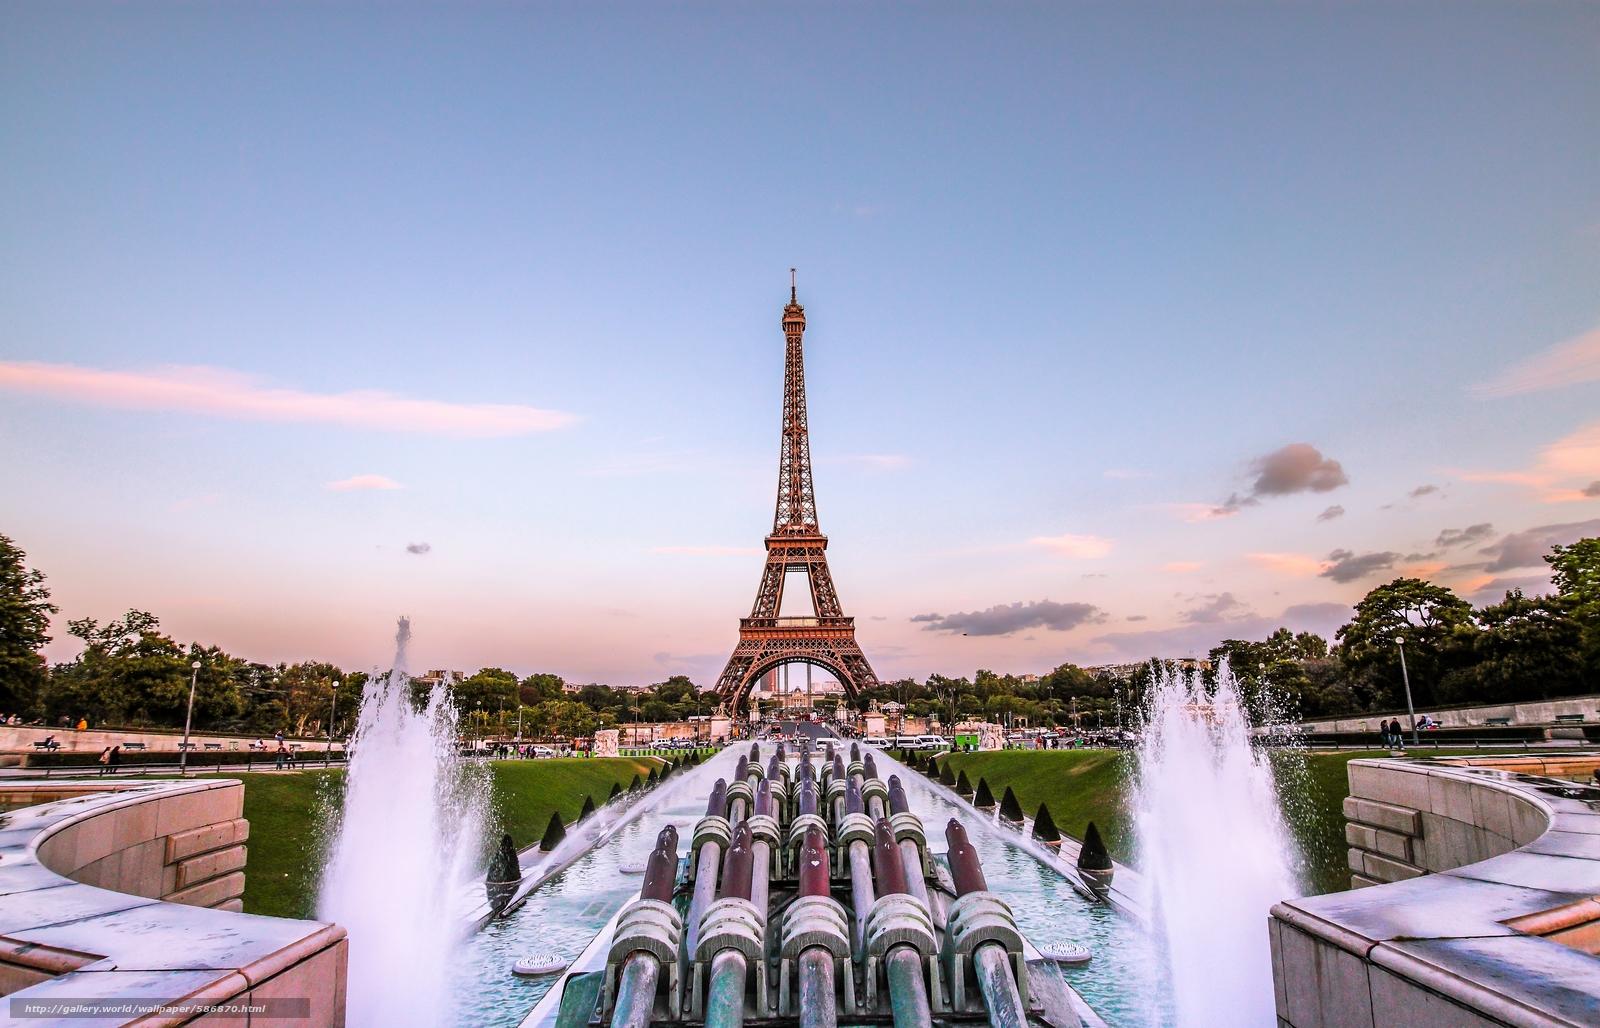 Tlcharger Fond D Ecran Tour Eiffel Paris Paris Tour